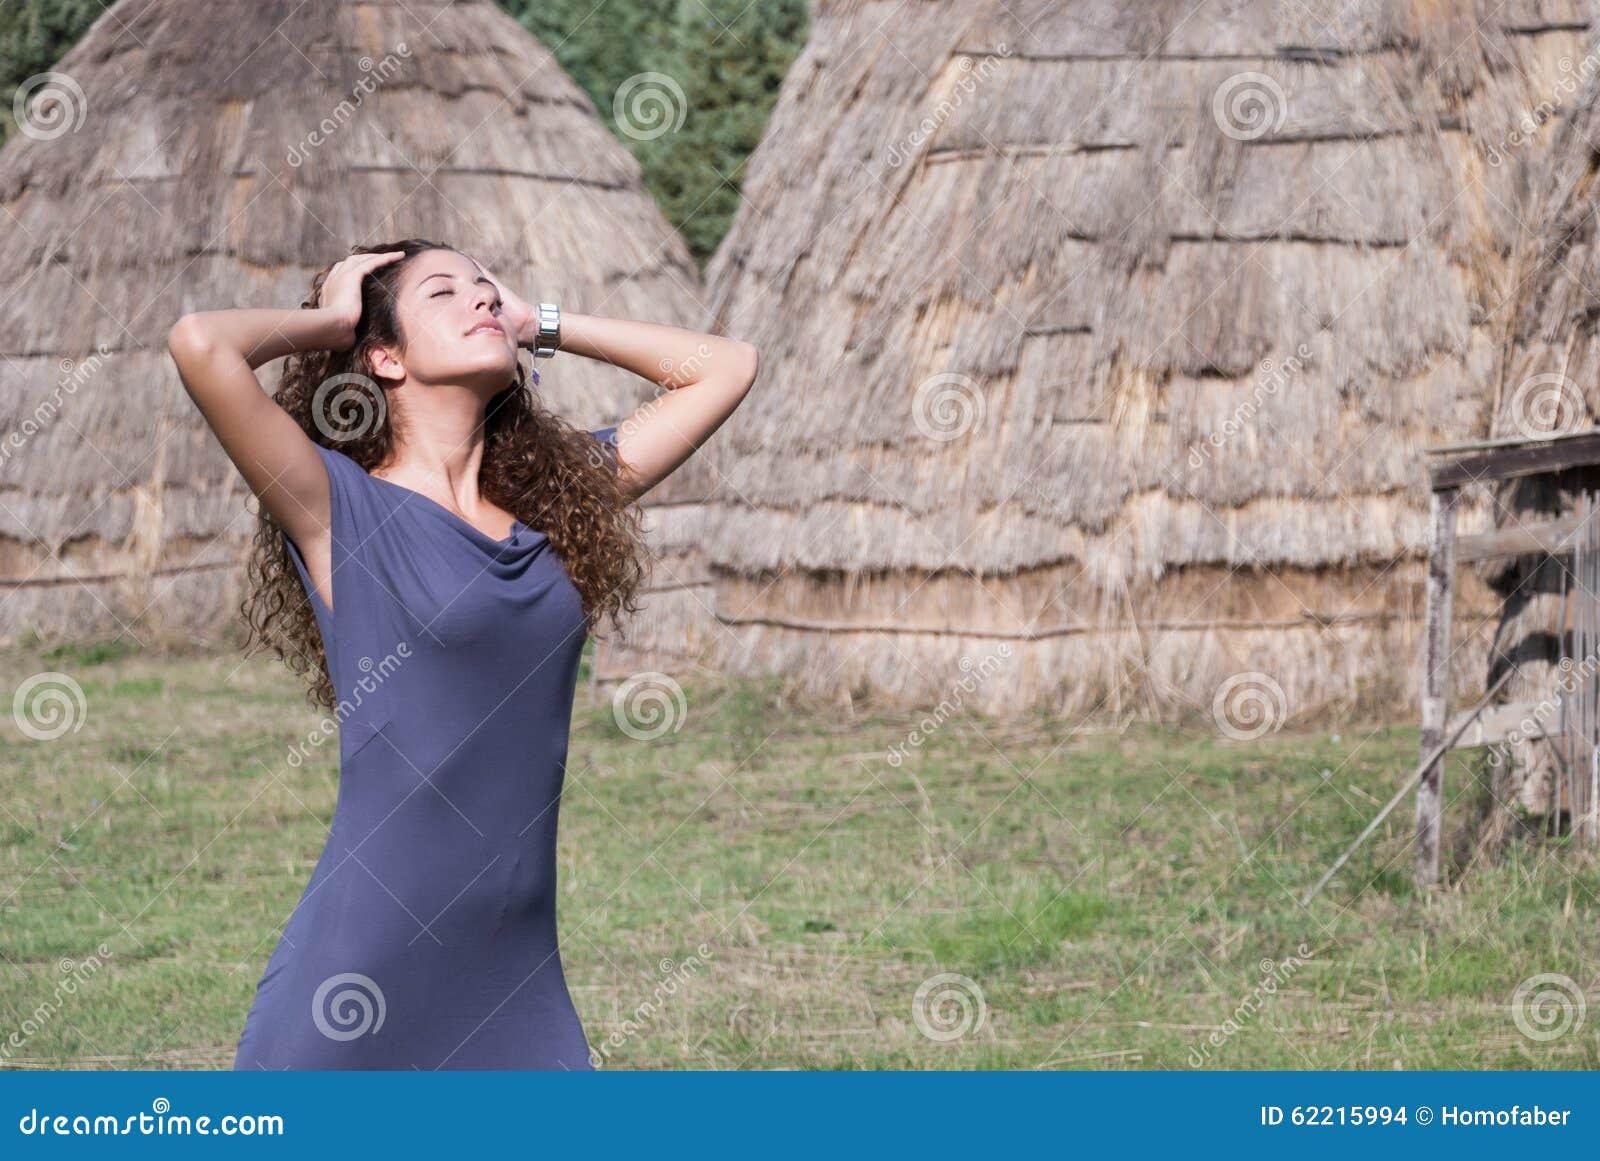 De vrouw stelt voorzijde van strohuizen